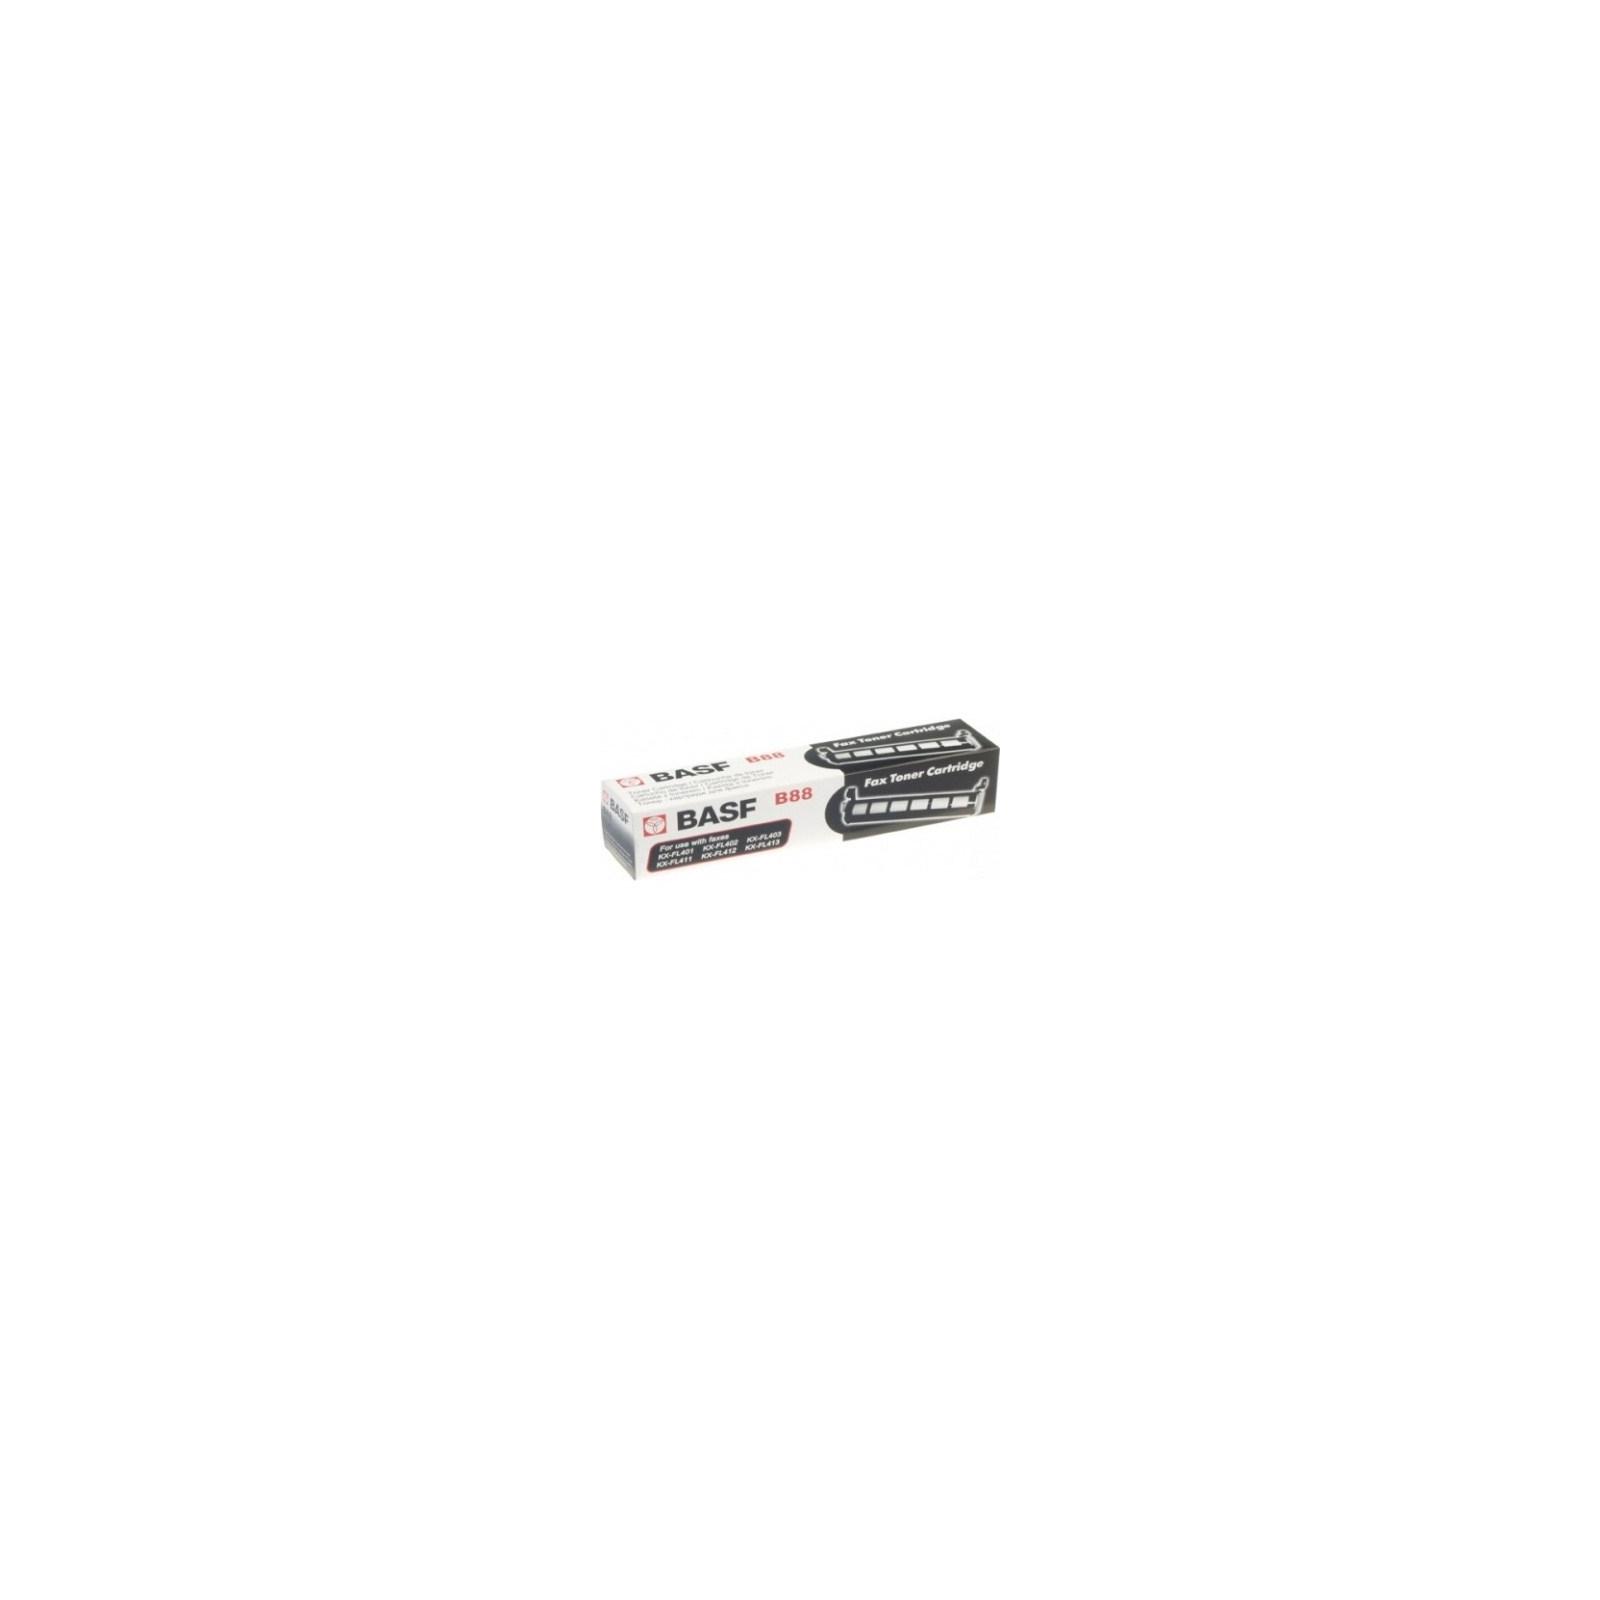 Картридж BASF для Panasonic KX-FL403/FLC413 (B-88)